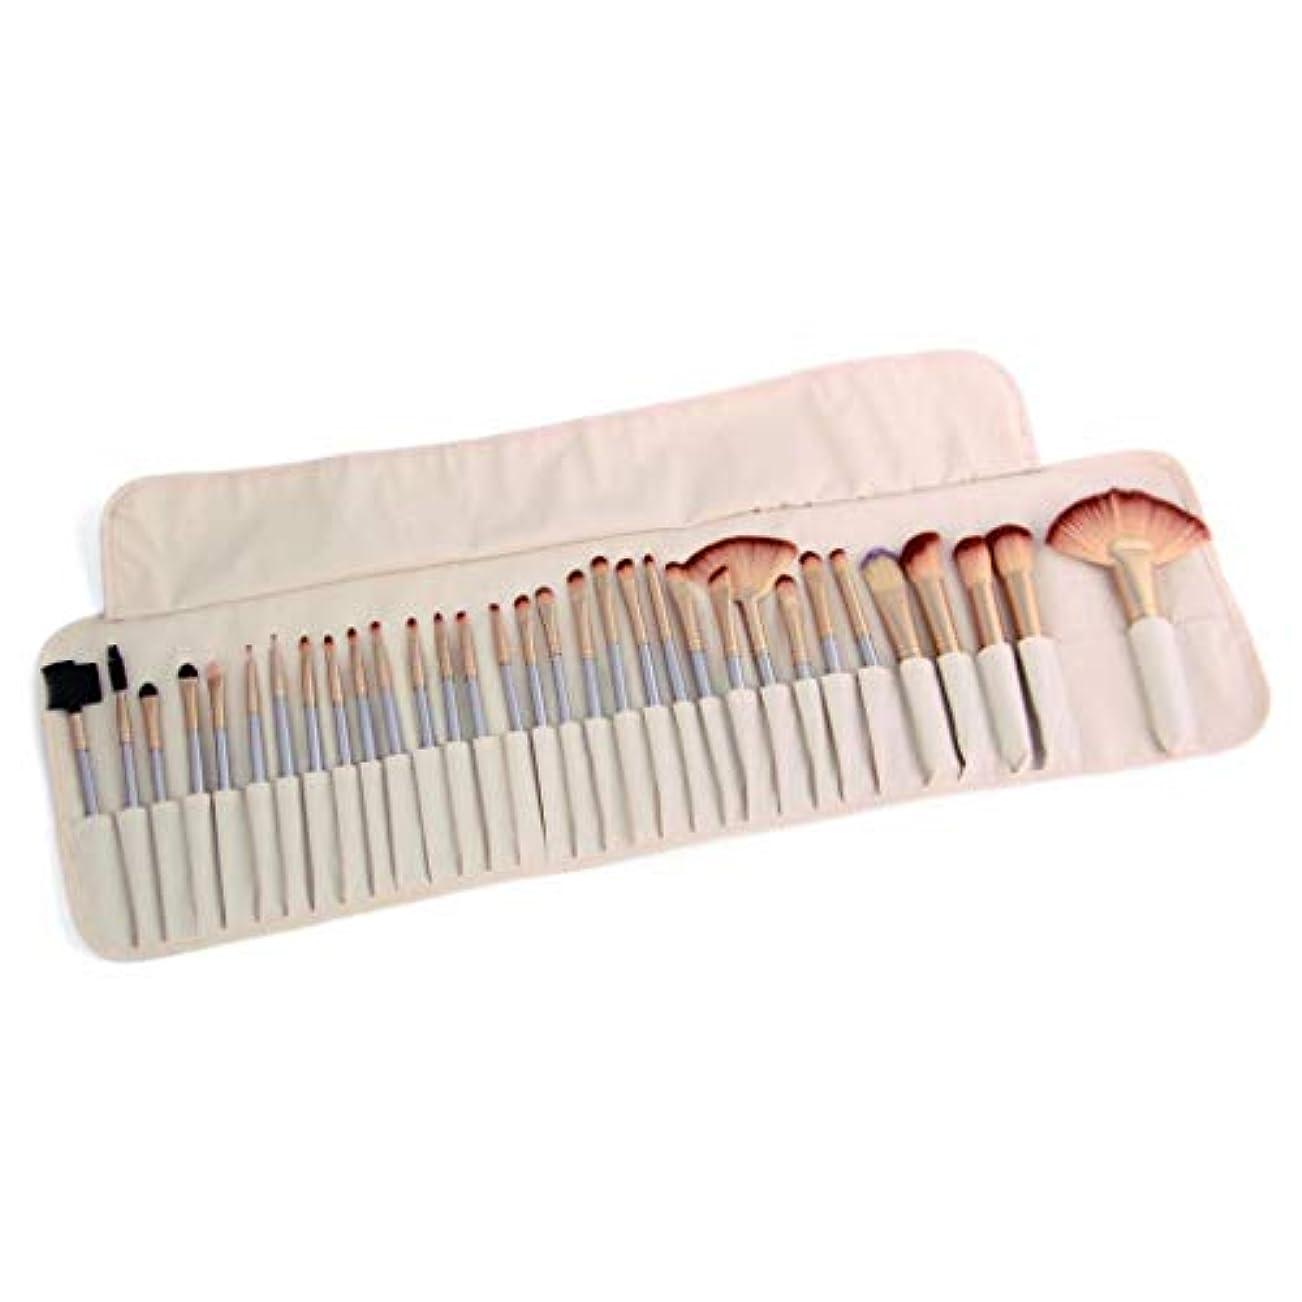 心臓捨てるポップ32化粧ブラシセットユニバーサル化粧道具アイシャドウブラシファンデーションブラシ,White